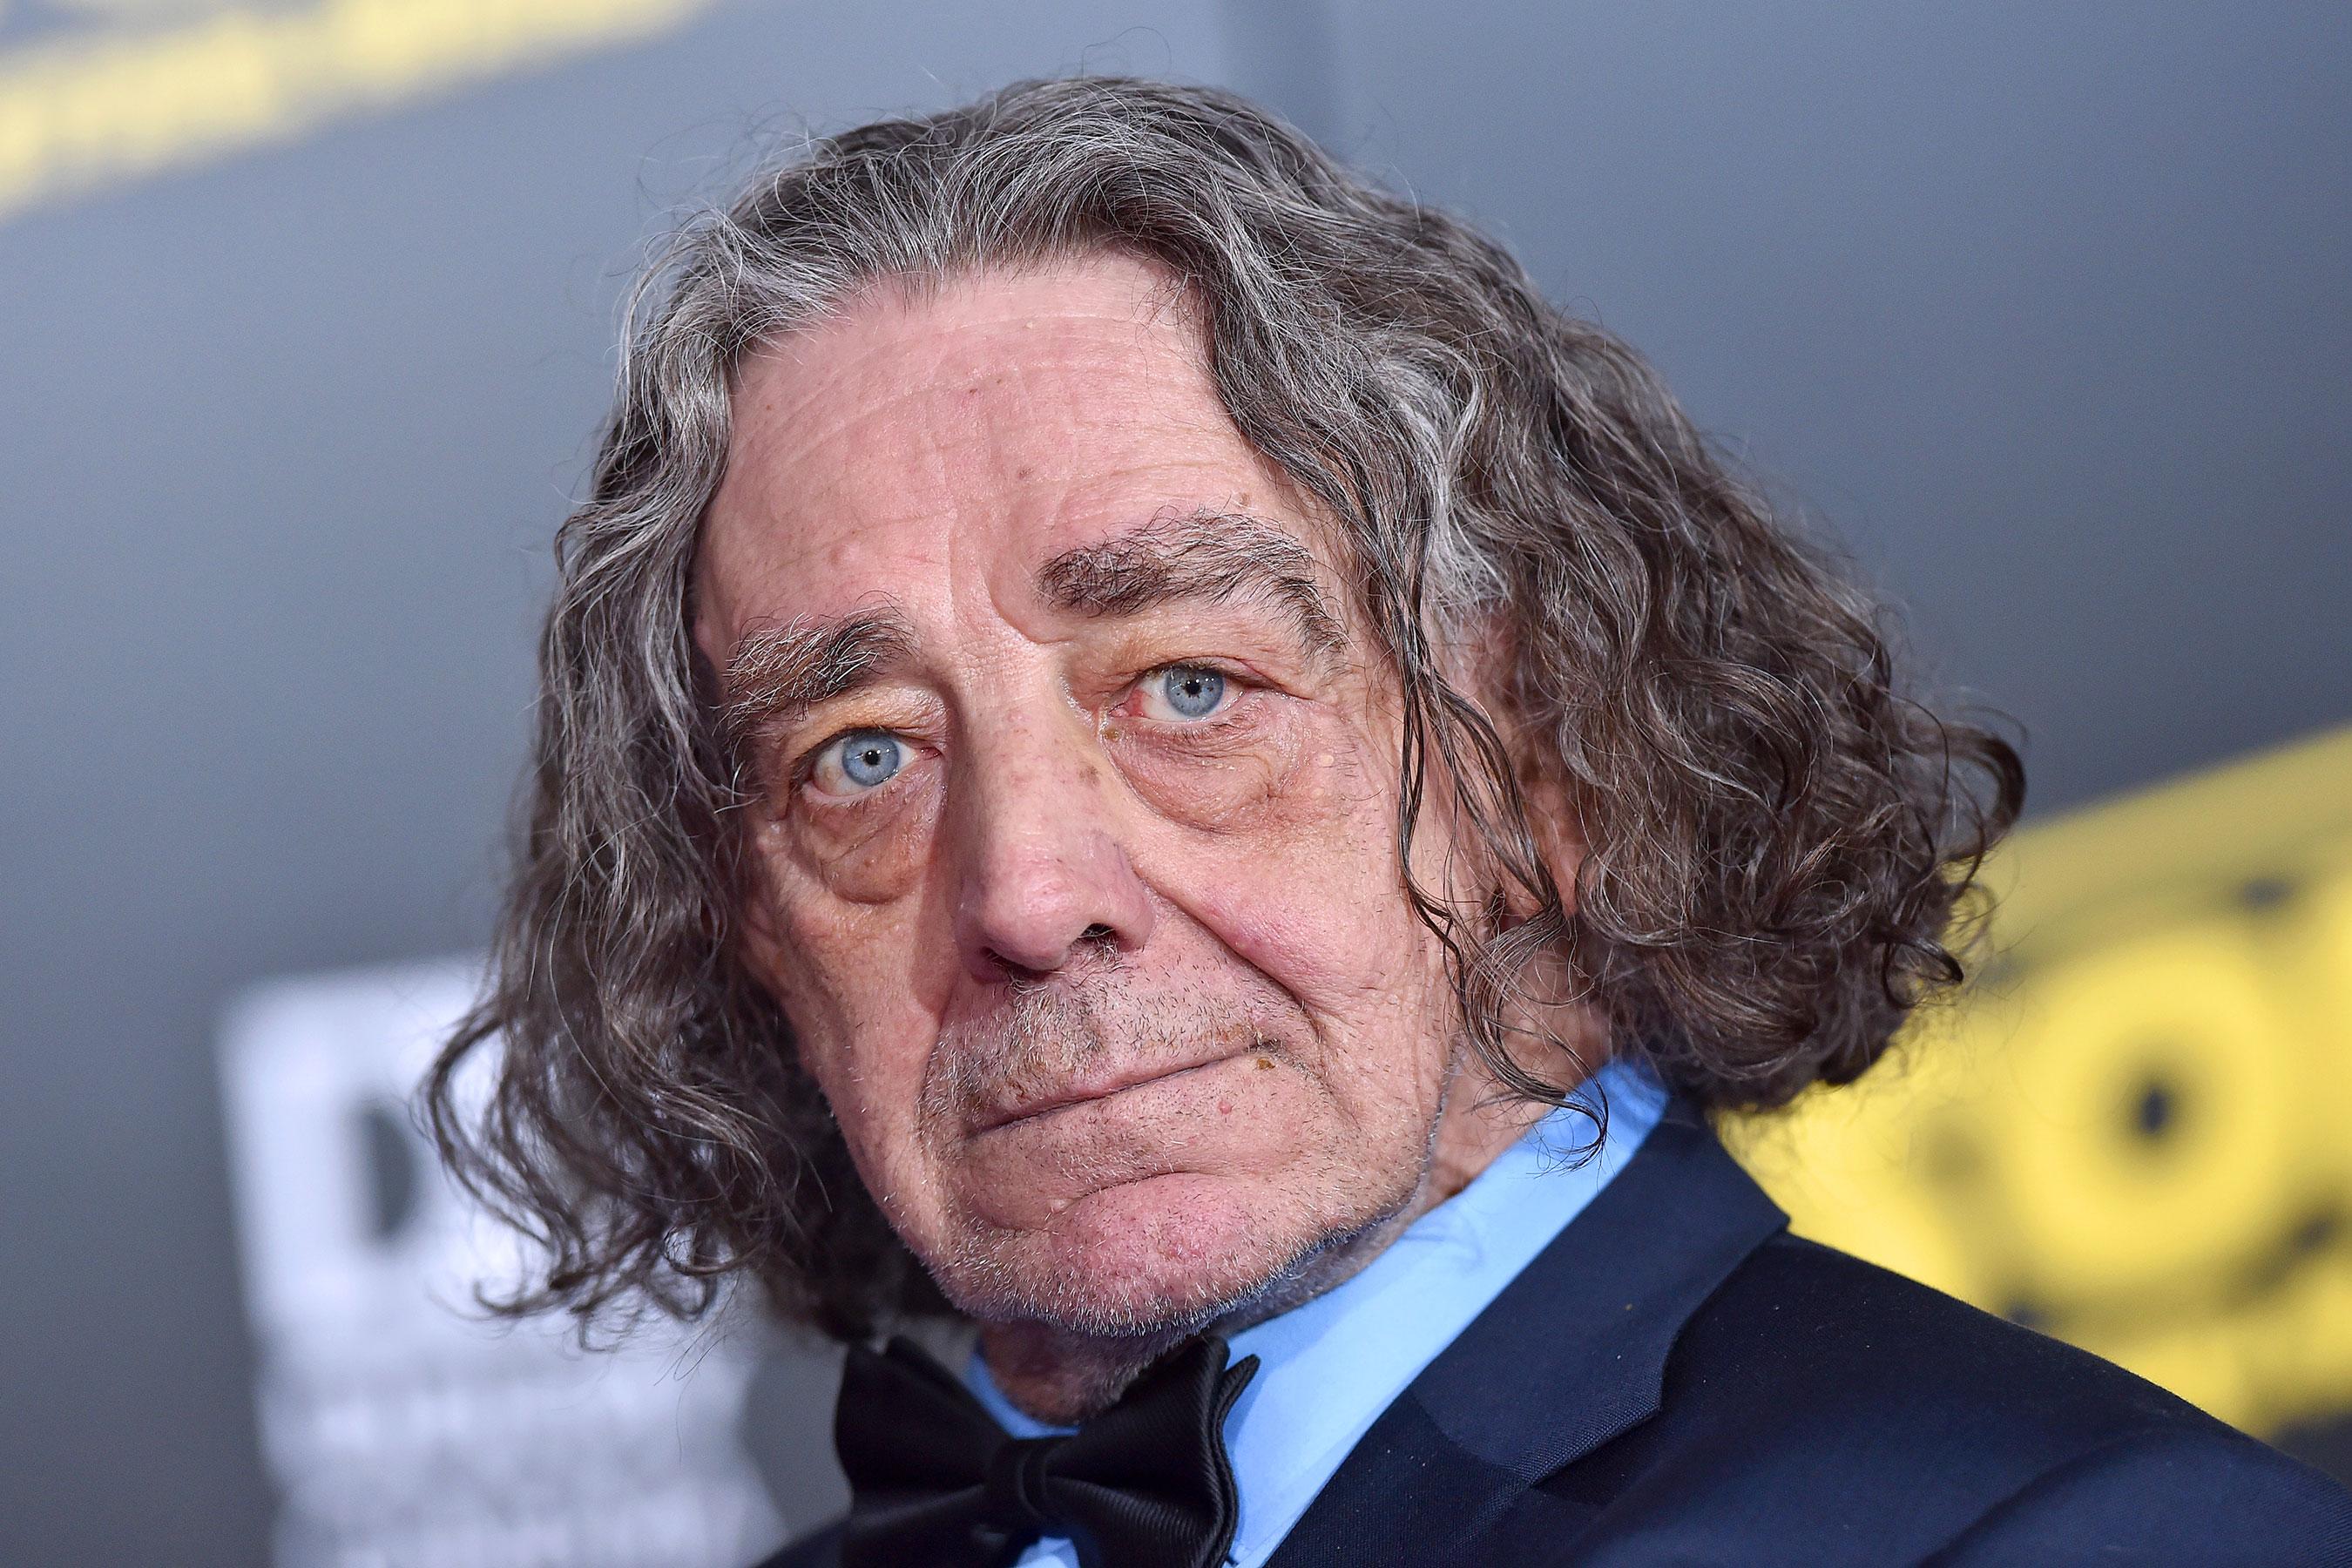 L'attore interprete di Chewbacca Peter Mayhew è morto all'età di 74 anni